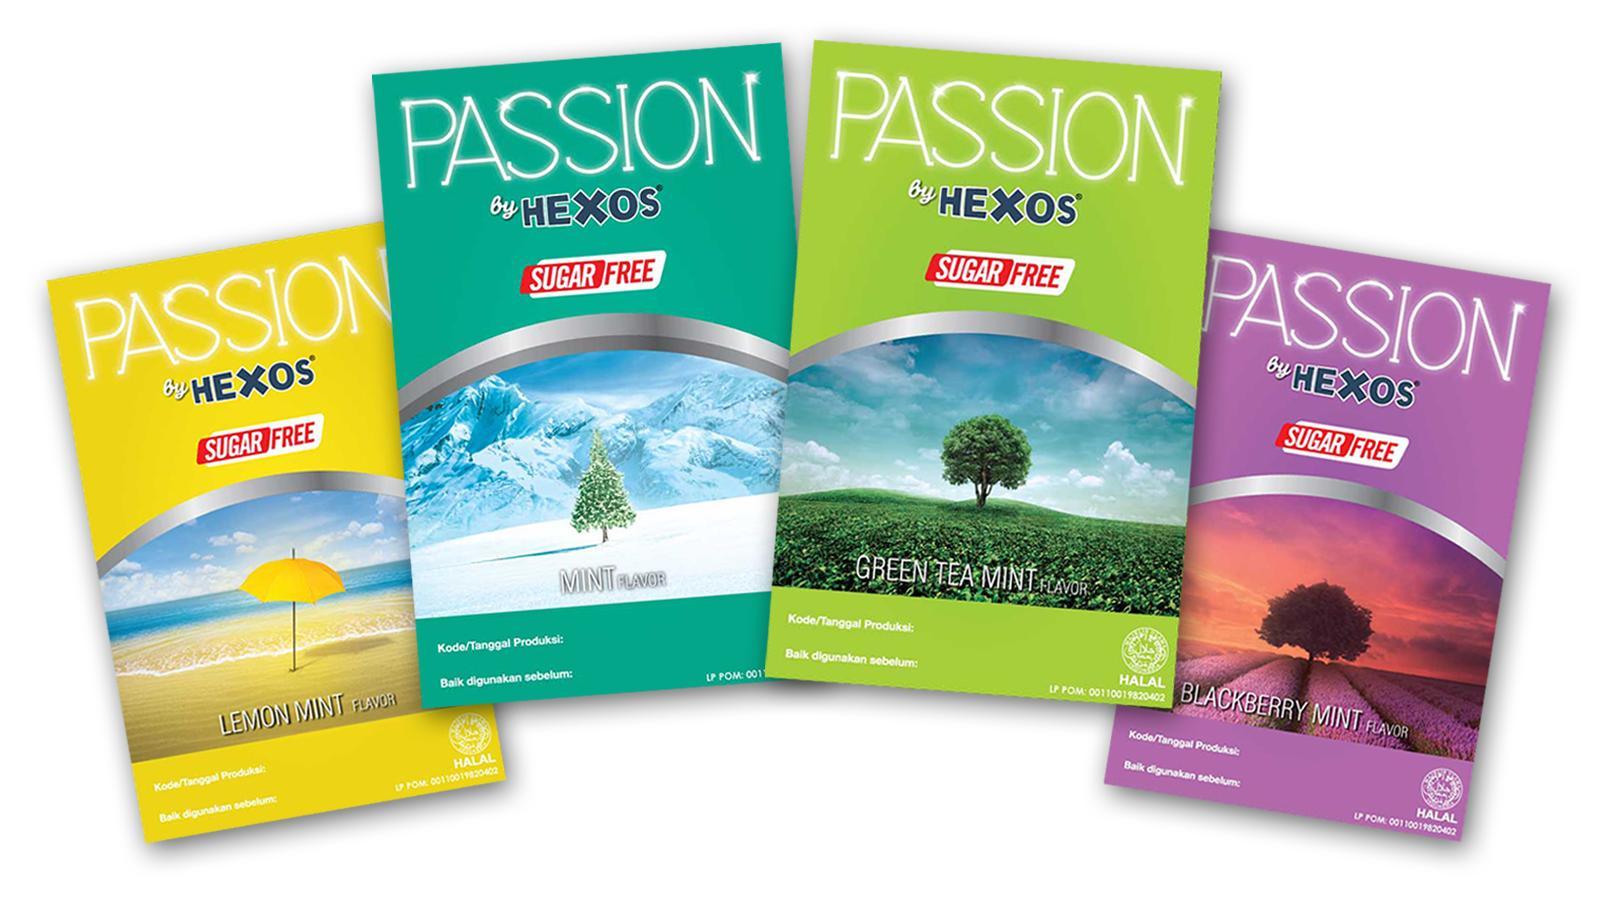 Jual Produk Konimex Online Terbaru Di Renovit Multivitamin 6 Pcs Hexos Sugar Free Permen Pelega Tenggorokan Produksi